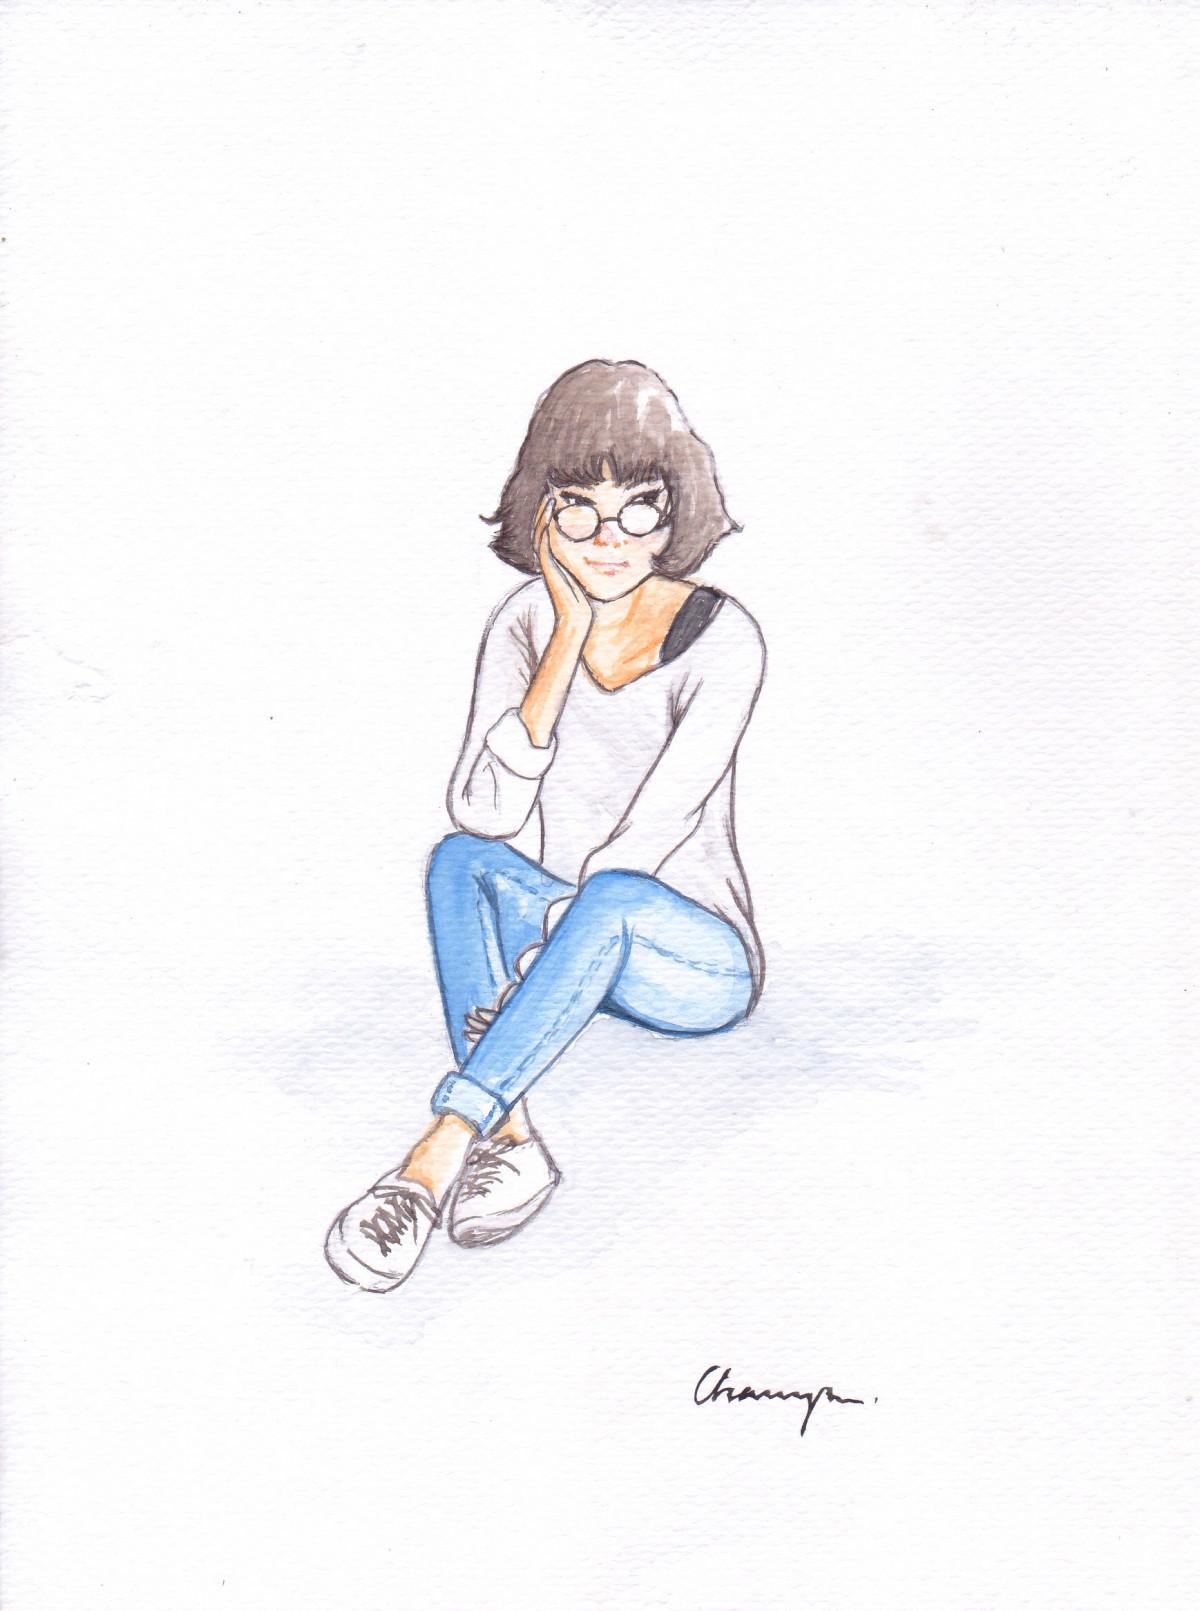 Gambar Kartun Wanita Sedih Sendirian Gambar Penulisan Tangan Sendirian Wanita Lukisan Sketsa Ilustrasi Gambar Kartun Posisi Manusia Siiting 1737x2333 751151 Galeri Foto Pxhere